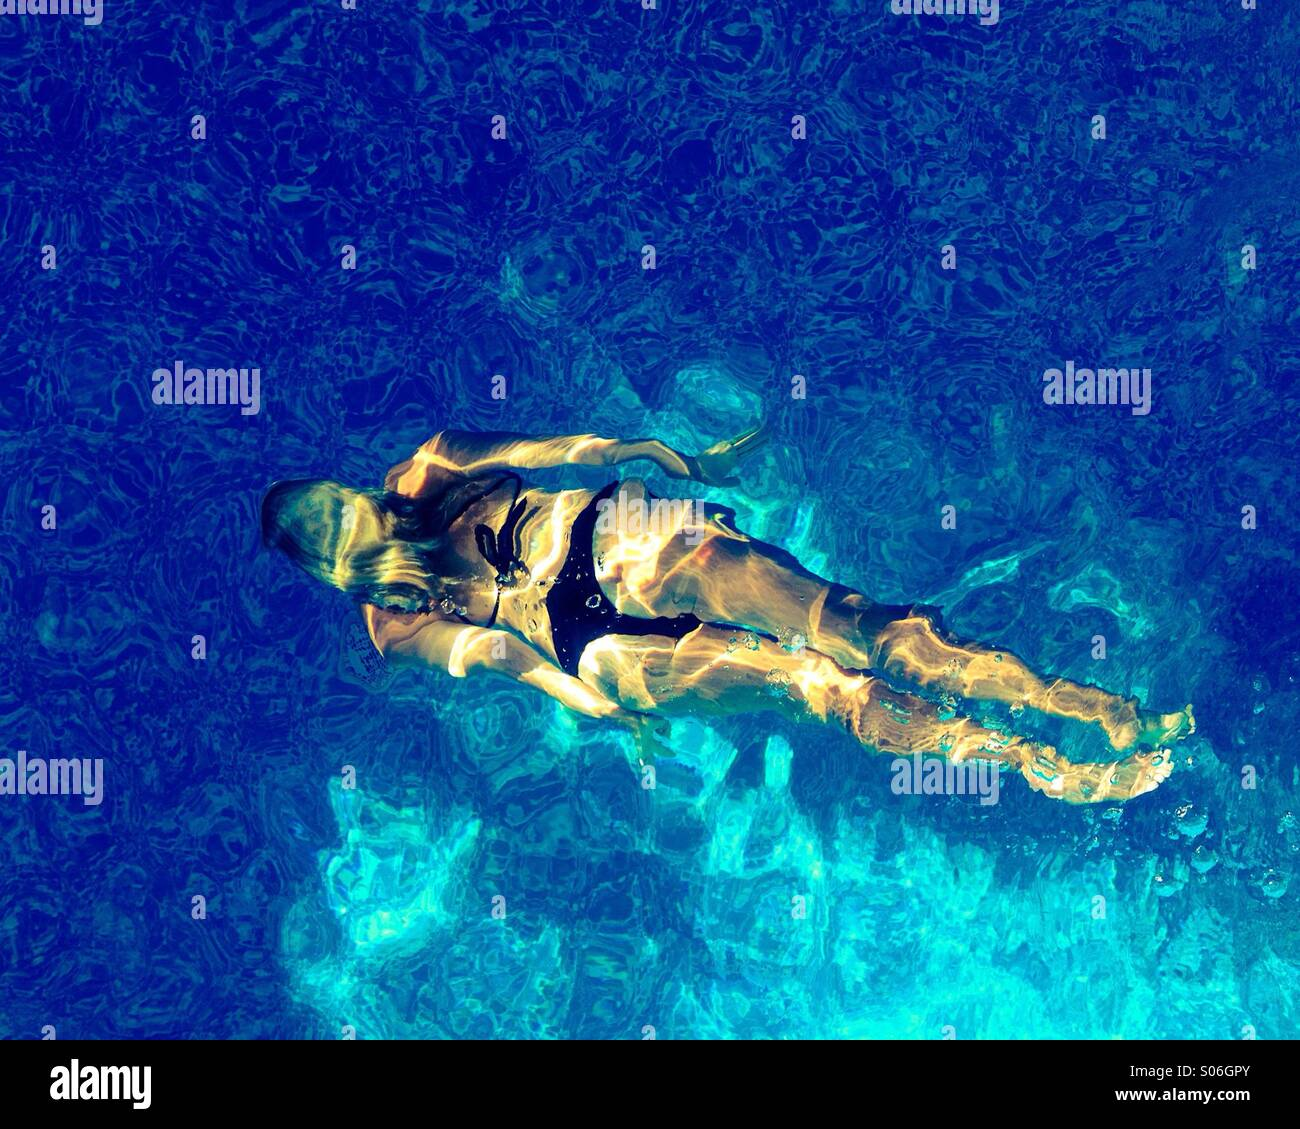 Blonde aux cheveux longs, woman in bikini nager sous l'eau dans les eaux chaudes de nettoyage d'une piscine Photo Stock